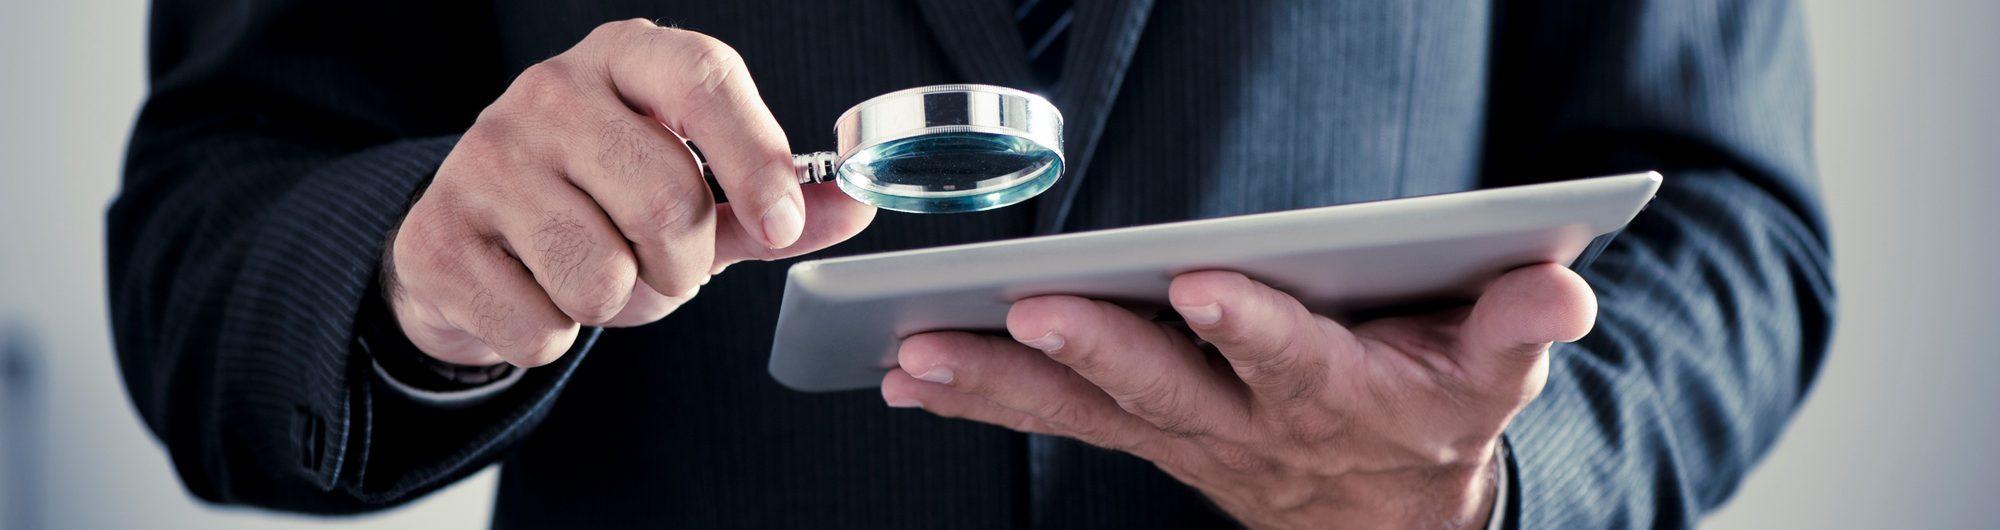 Проведення службових розслідувань та перевірок